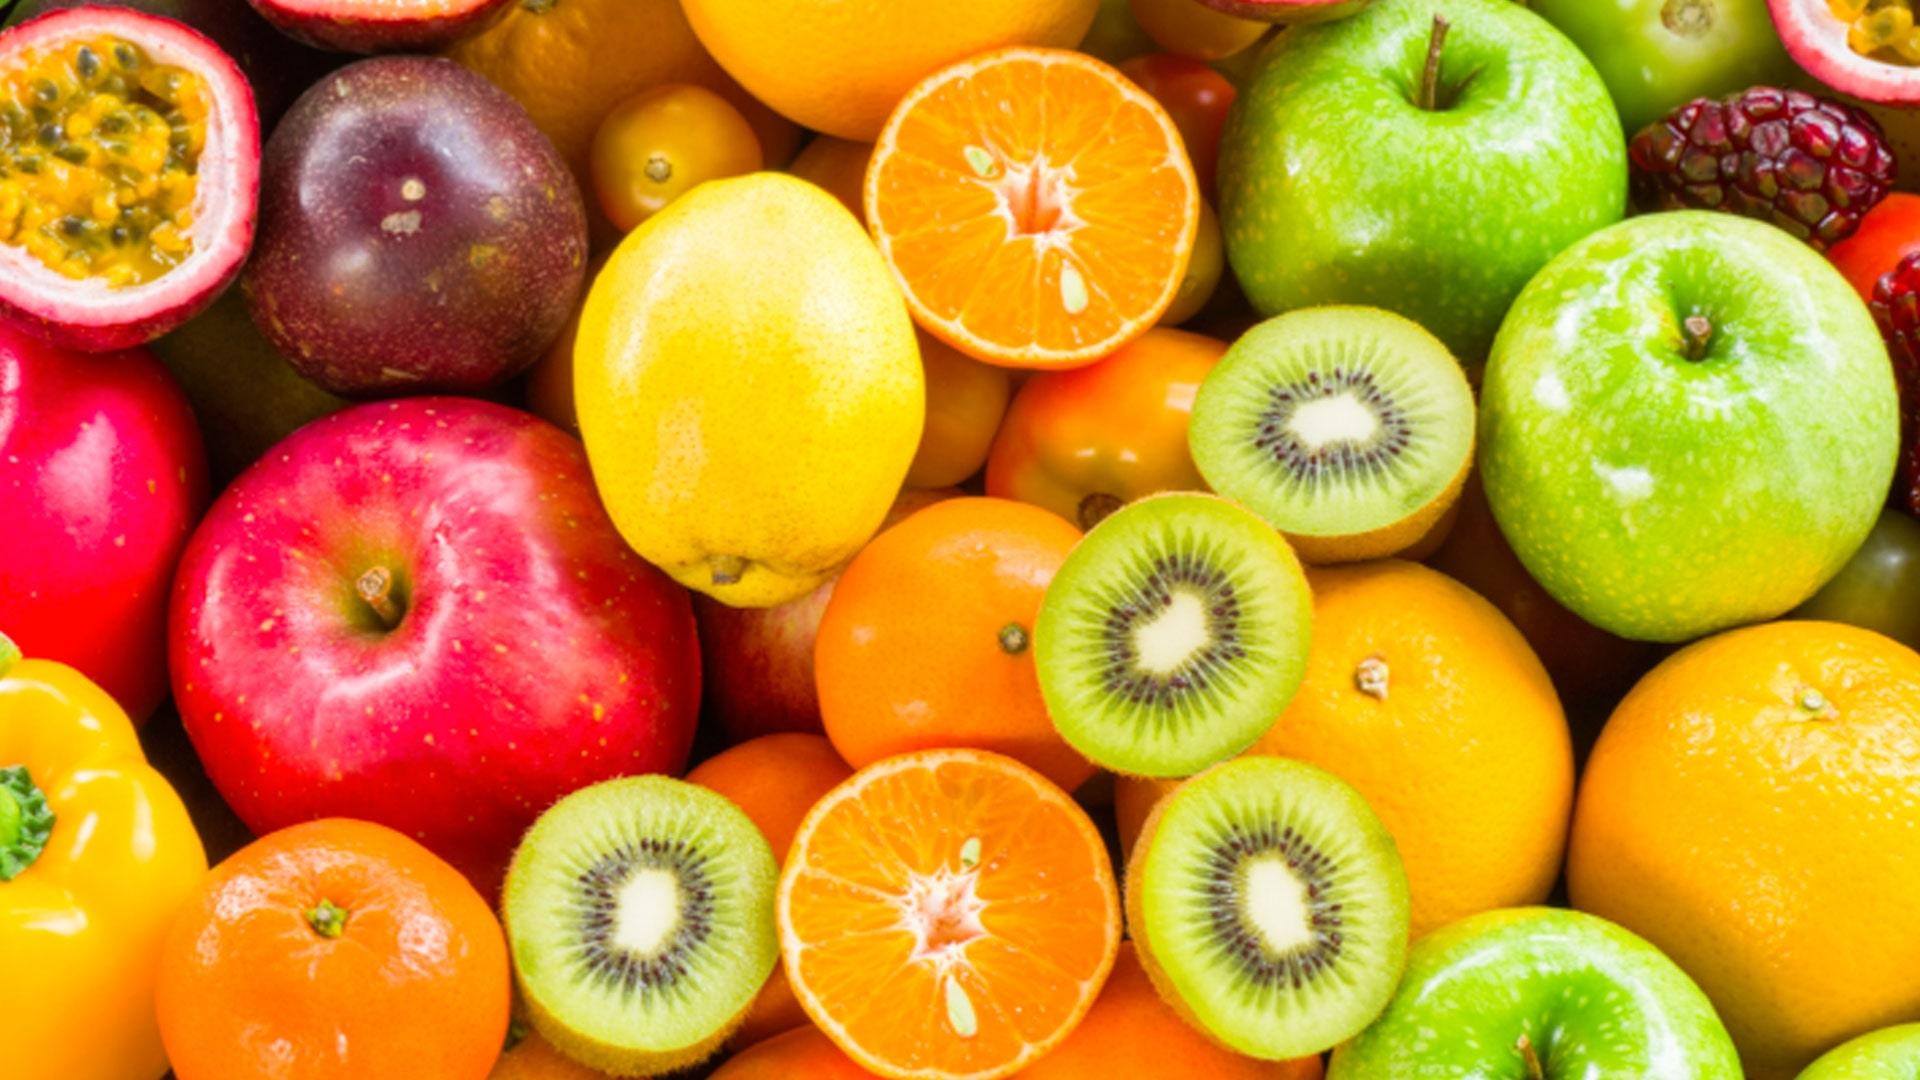 Fontes de vitamina C: saiba quais são e melhore sua saúde!